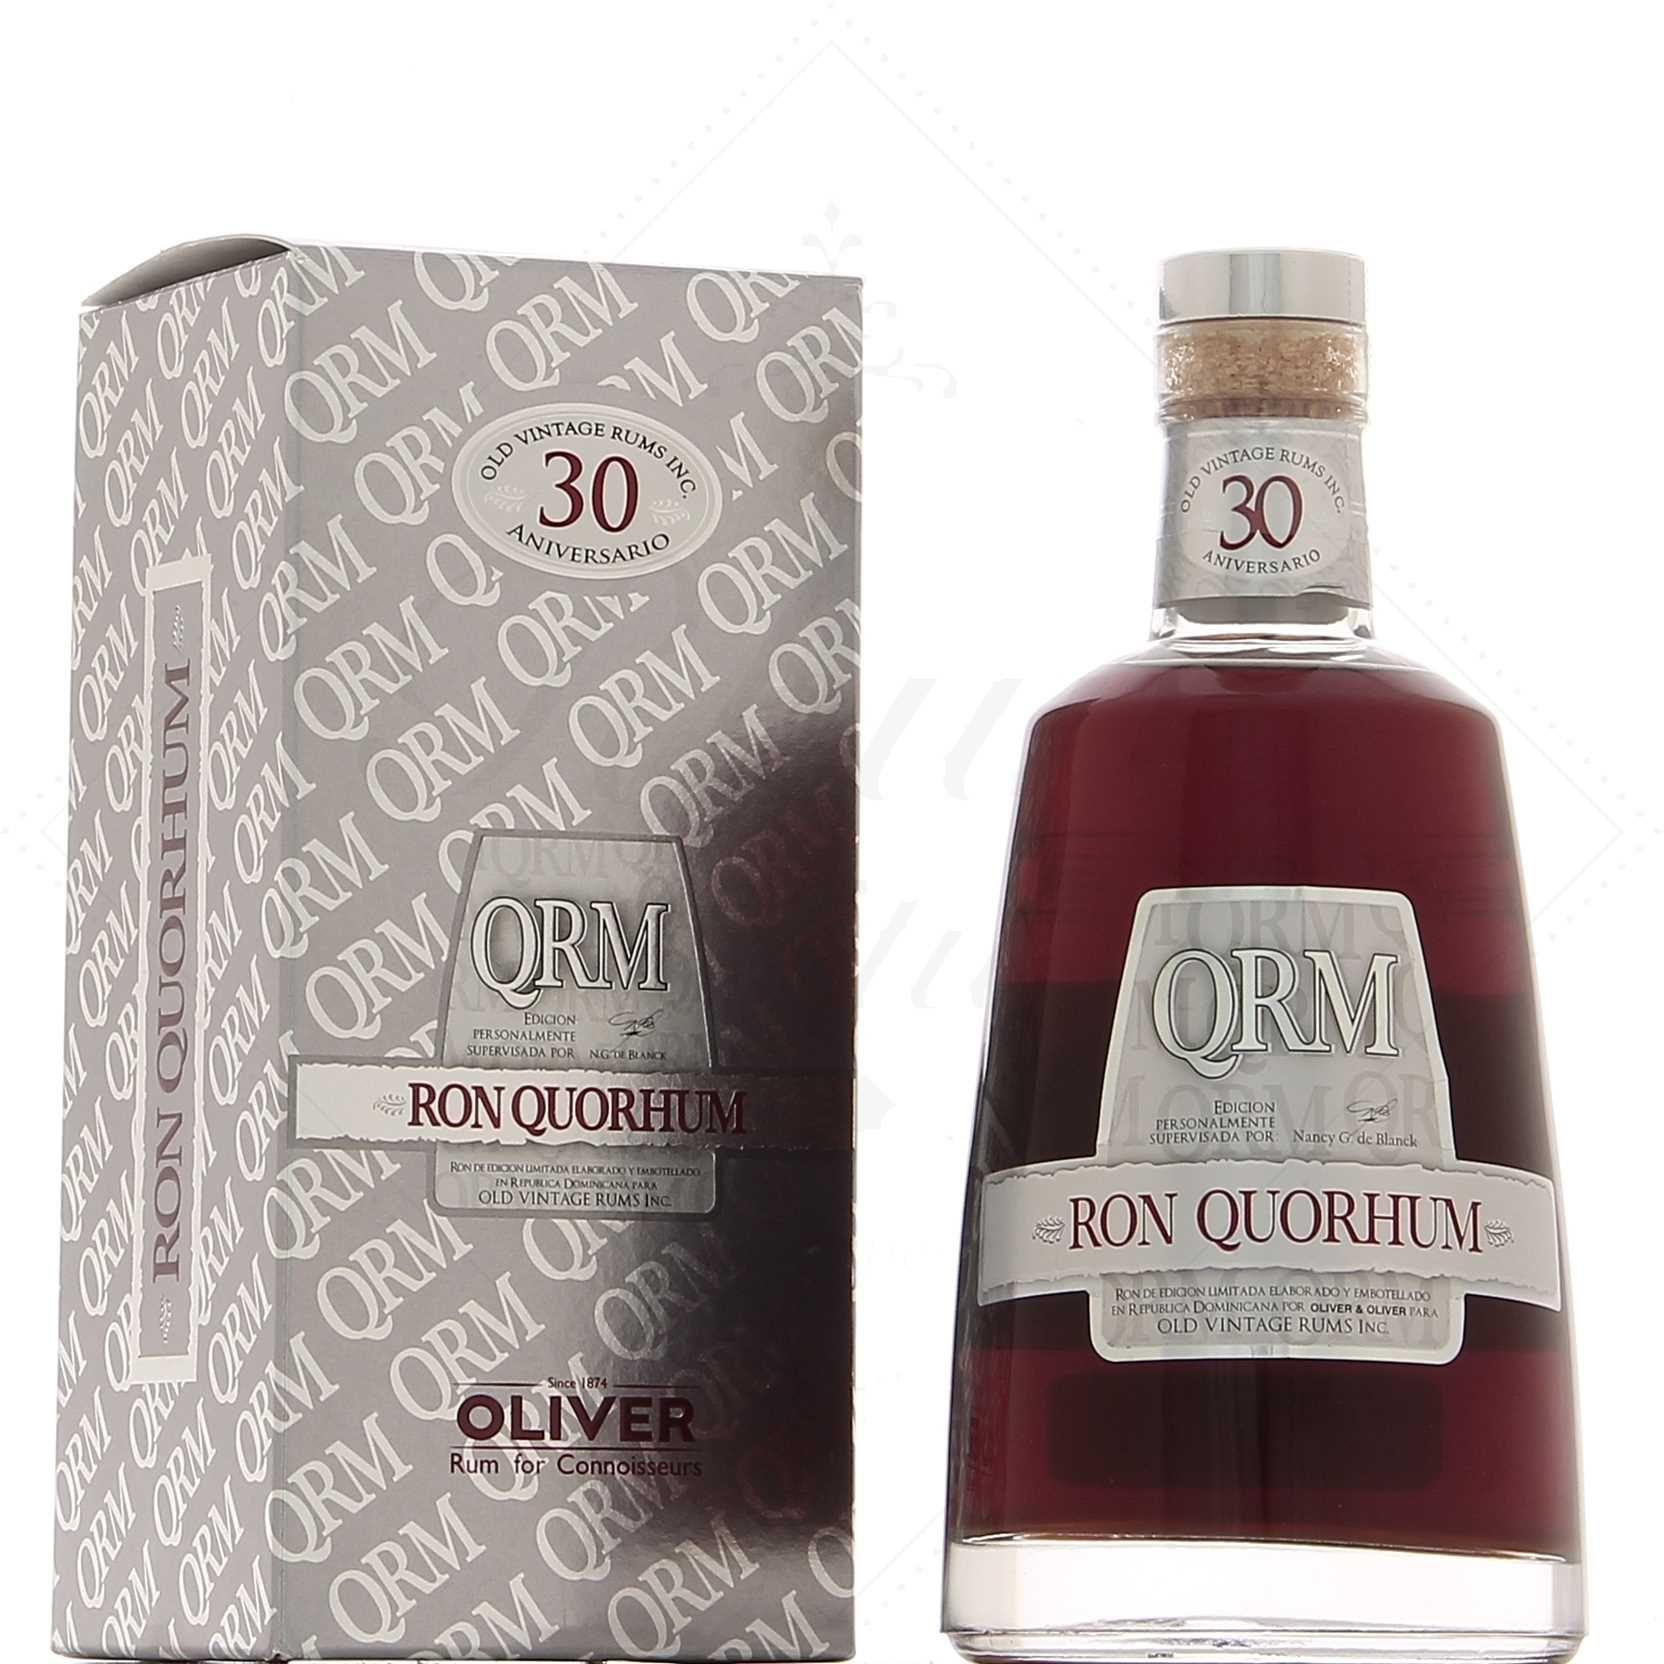 Bouteille de Rhum Quorhum 30 Years Old Rum - 70 cl